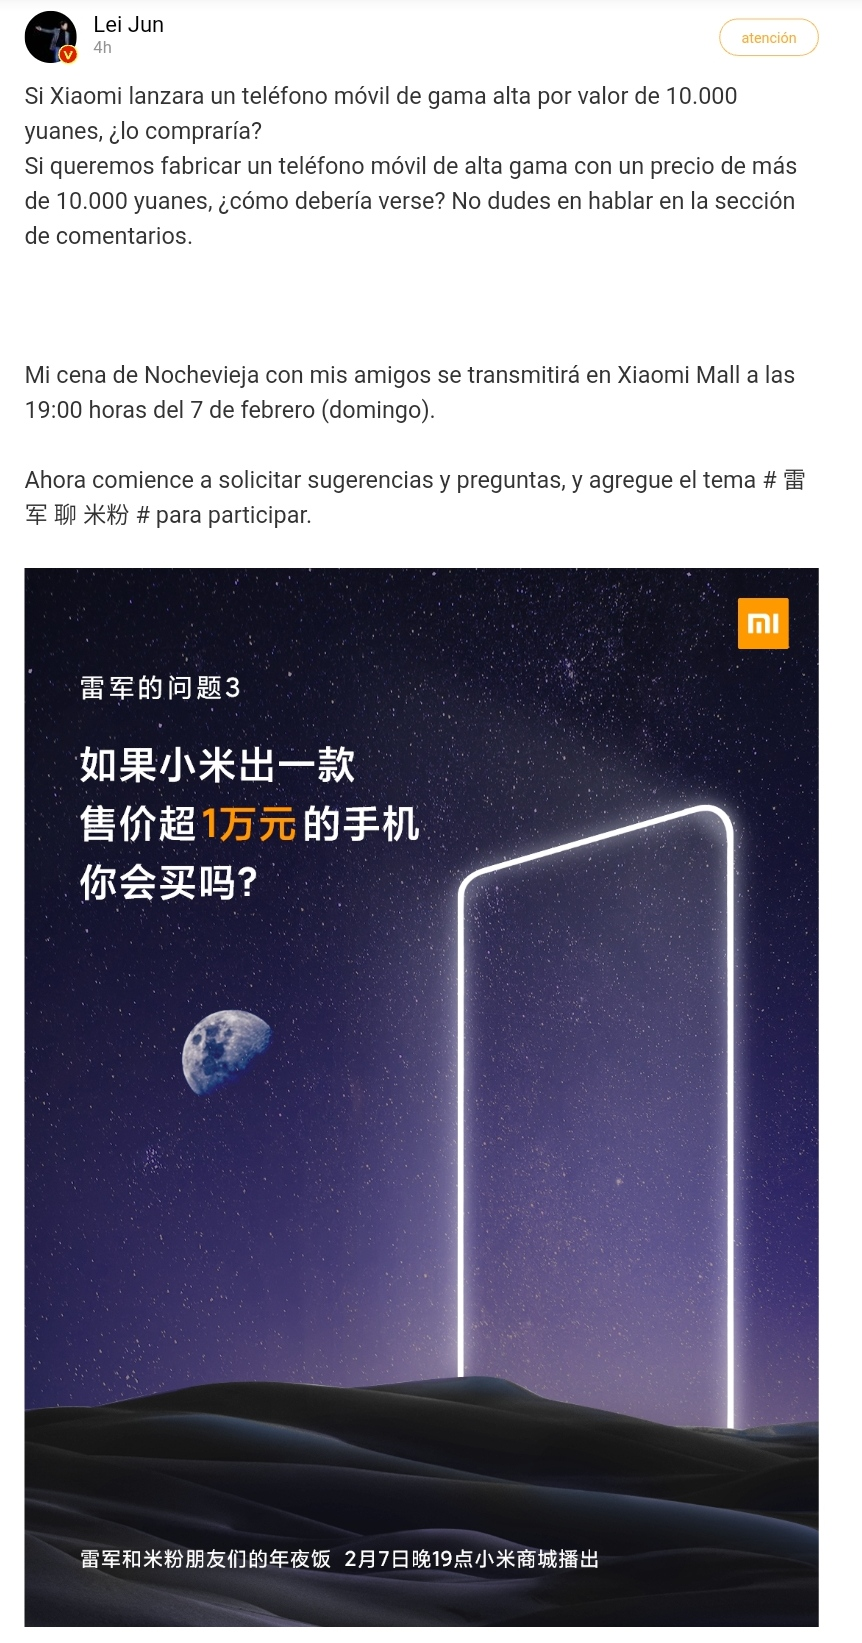 Xiaomi prepara algo grande y al parecer superará los 1300 euros